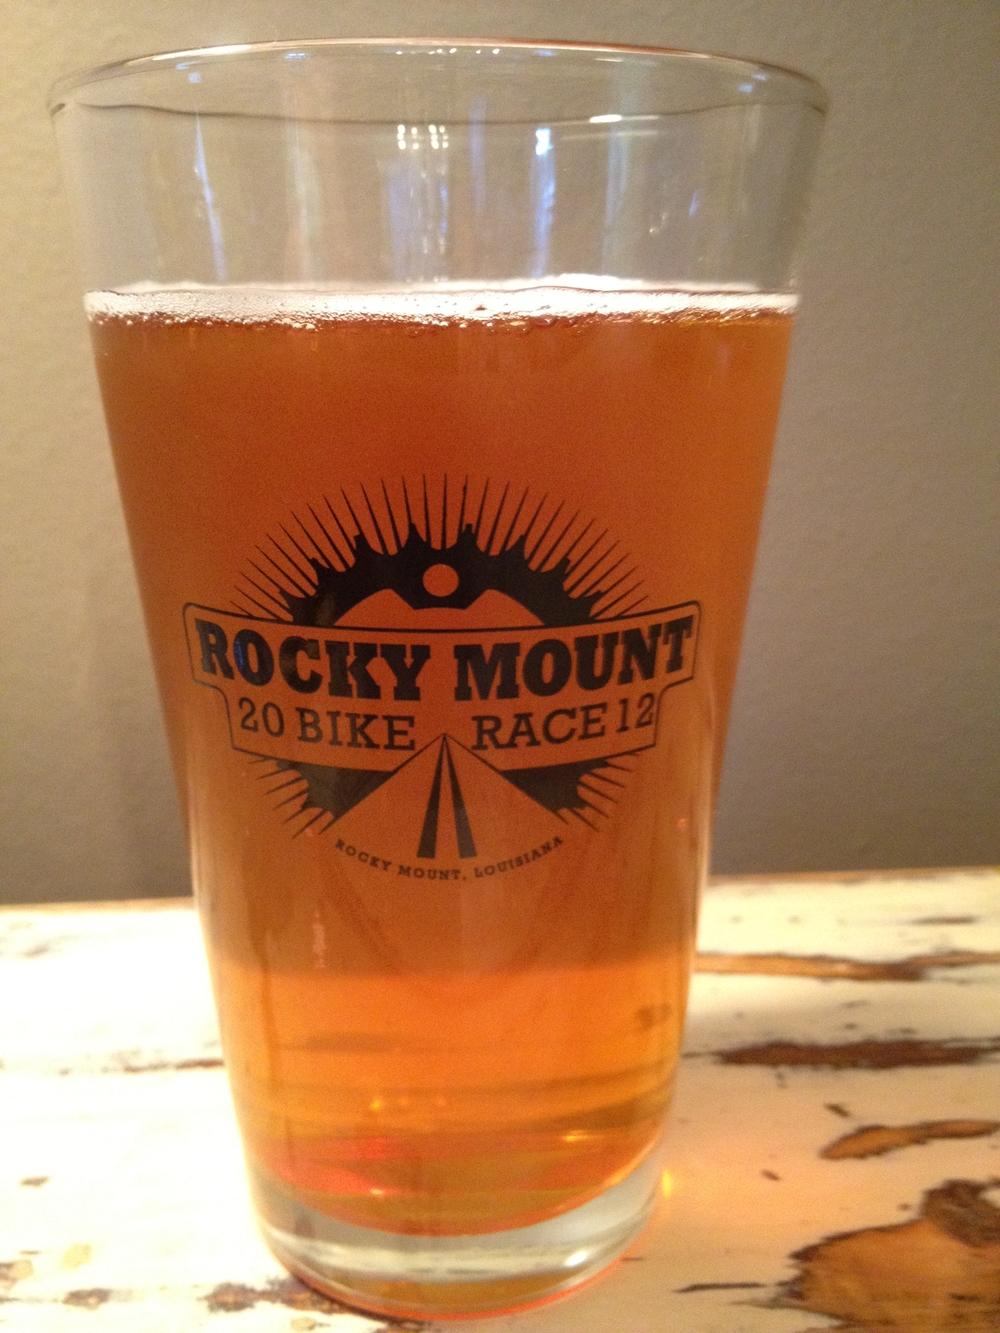 Reward from Rocky Mount, Louisiana